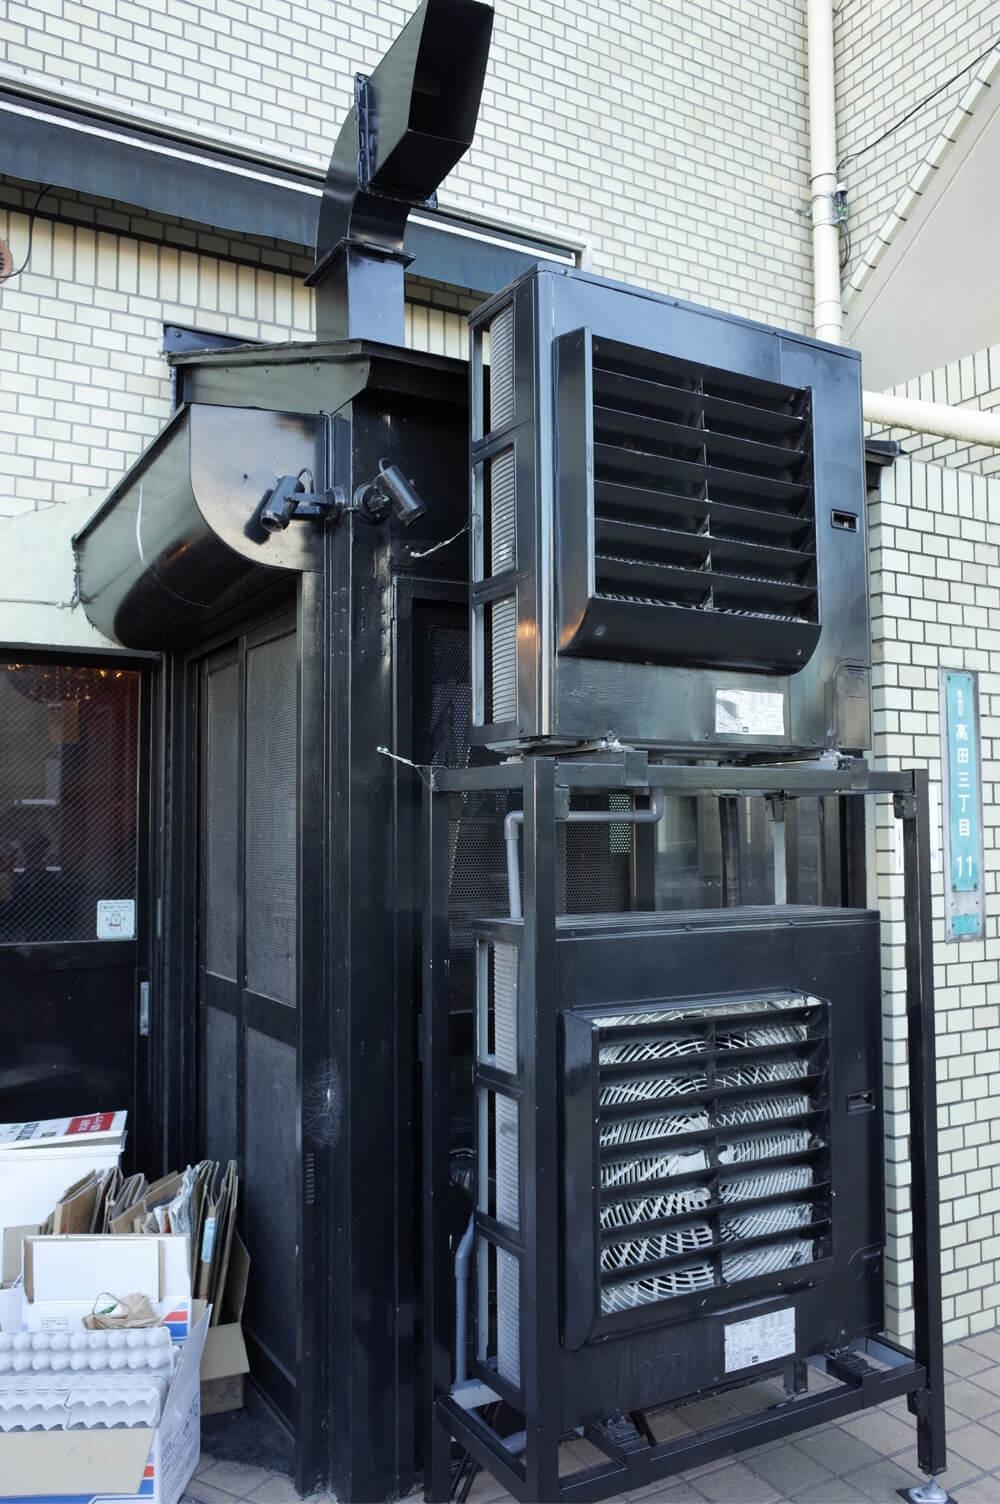 高田馬場 レッドロック 行列 ランチ